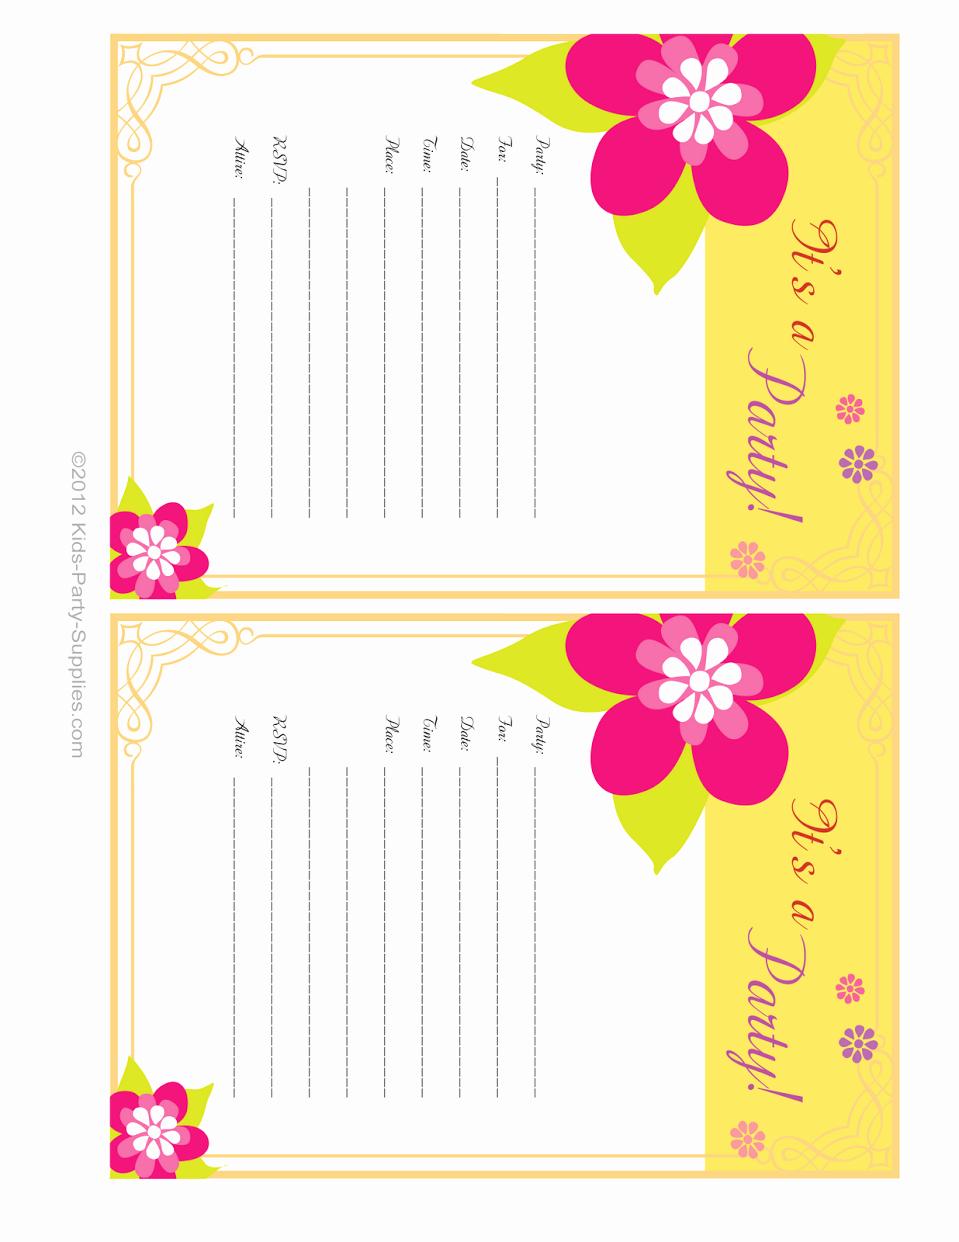 Hawaiian themed Invitation Templates Free Unique Hawaiian Party Invitations Free Printable